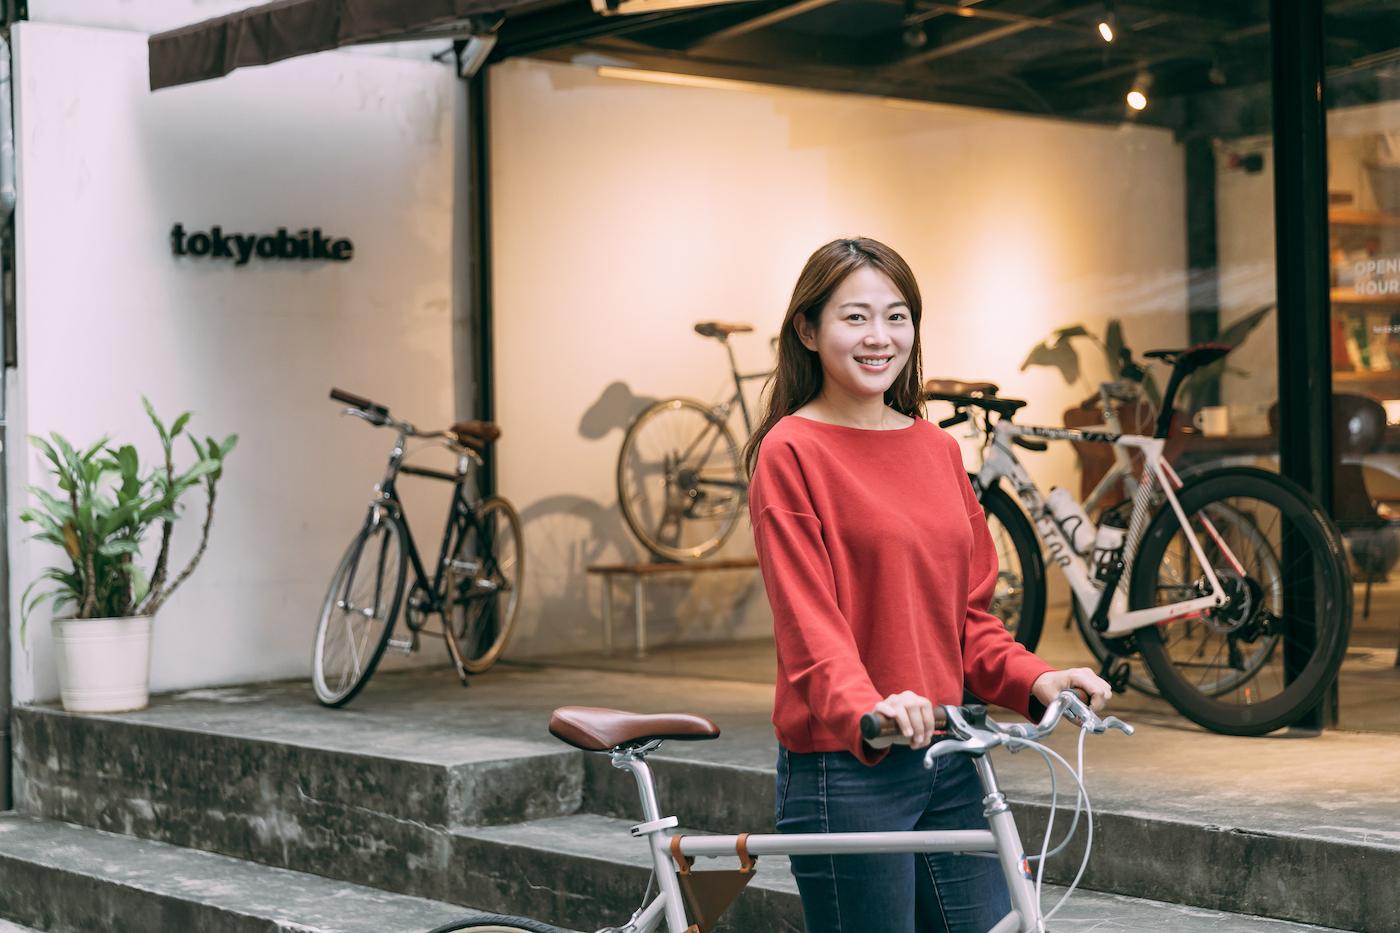 悠遊愛媛島波海道 魏華萱愜意自在的跳島單車之旅